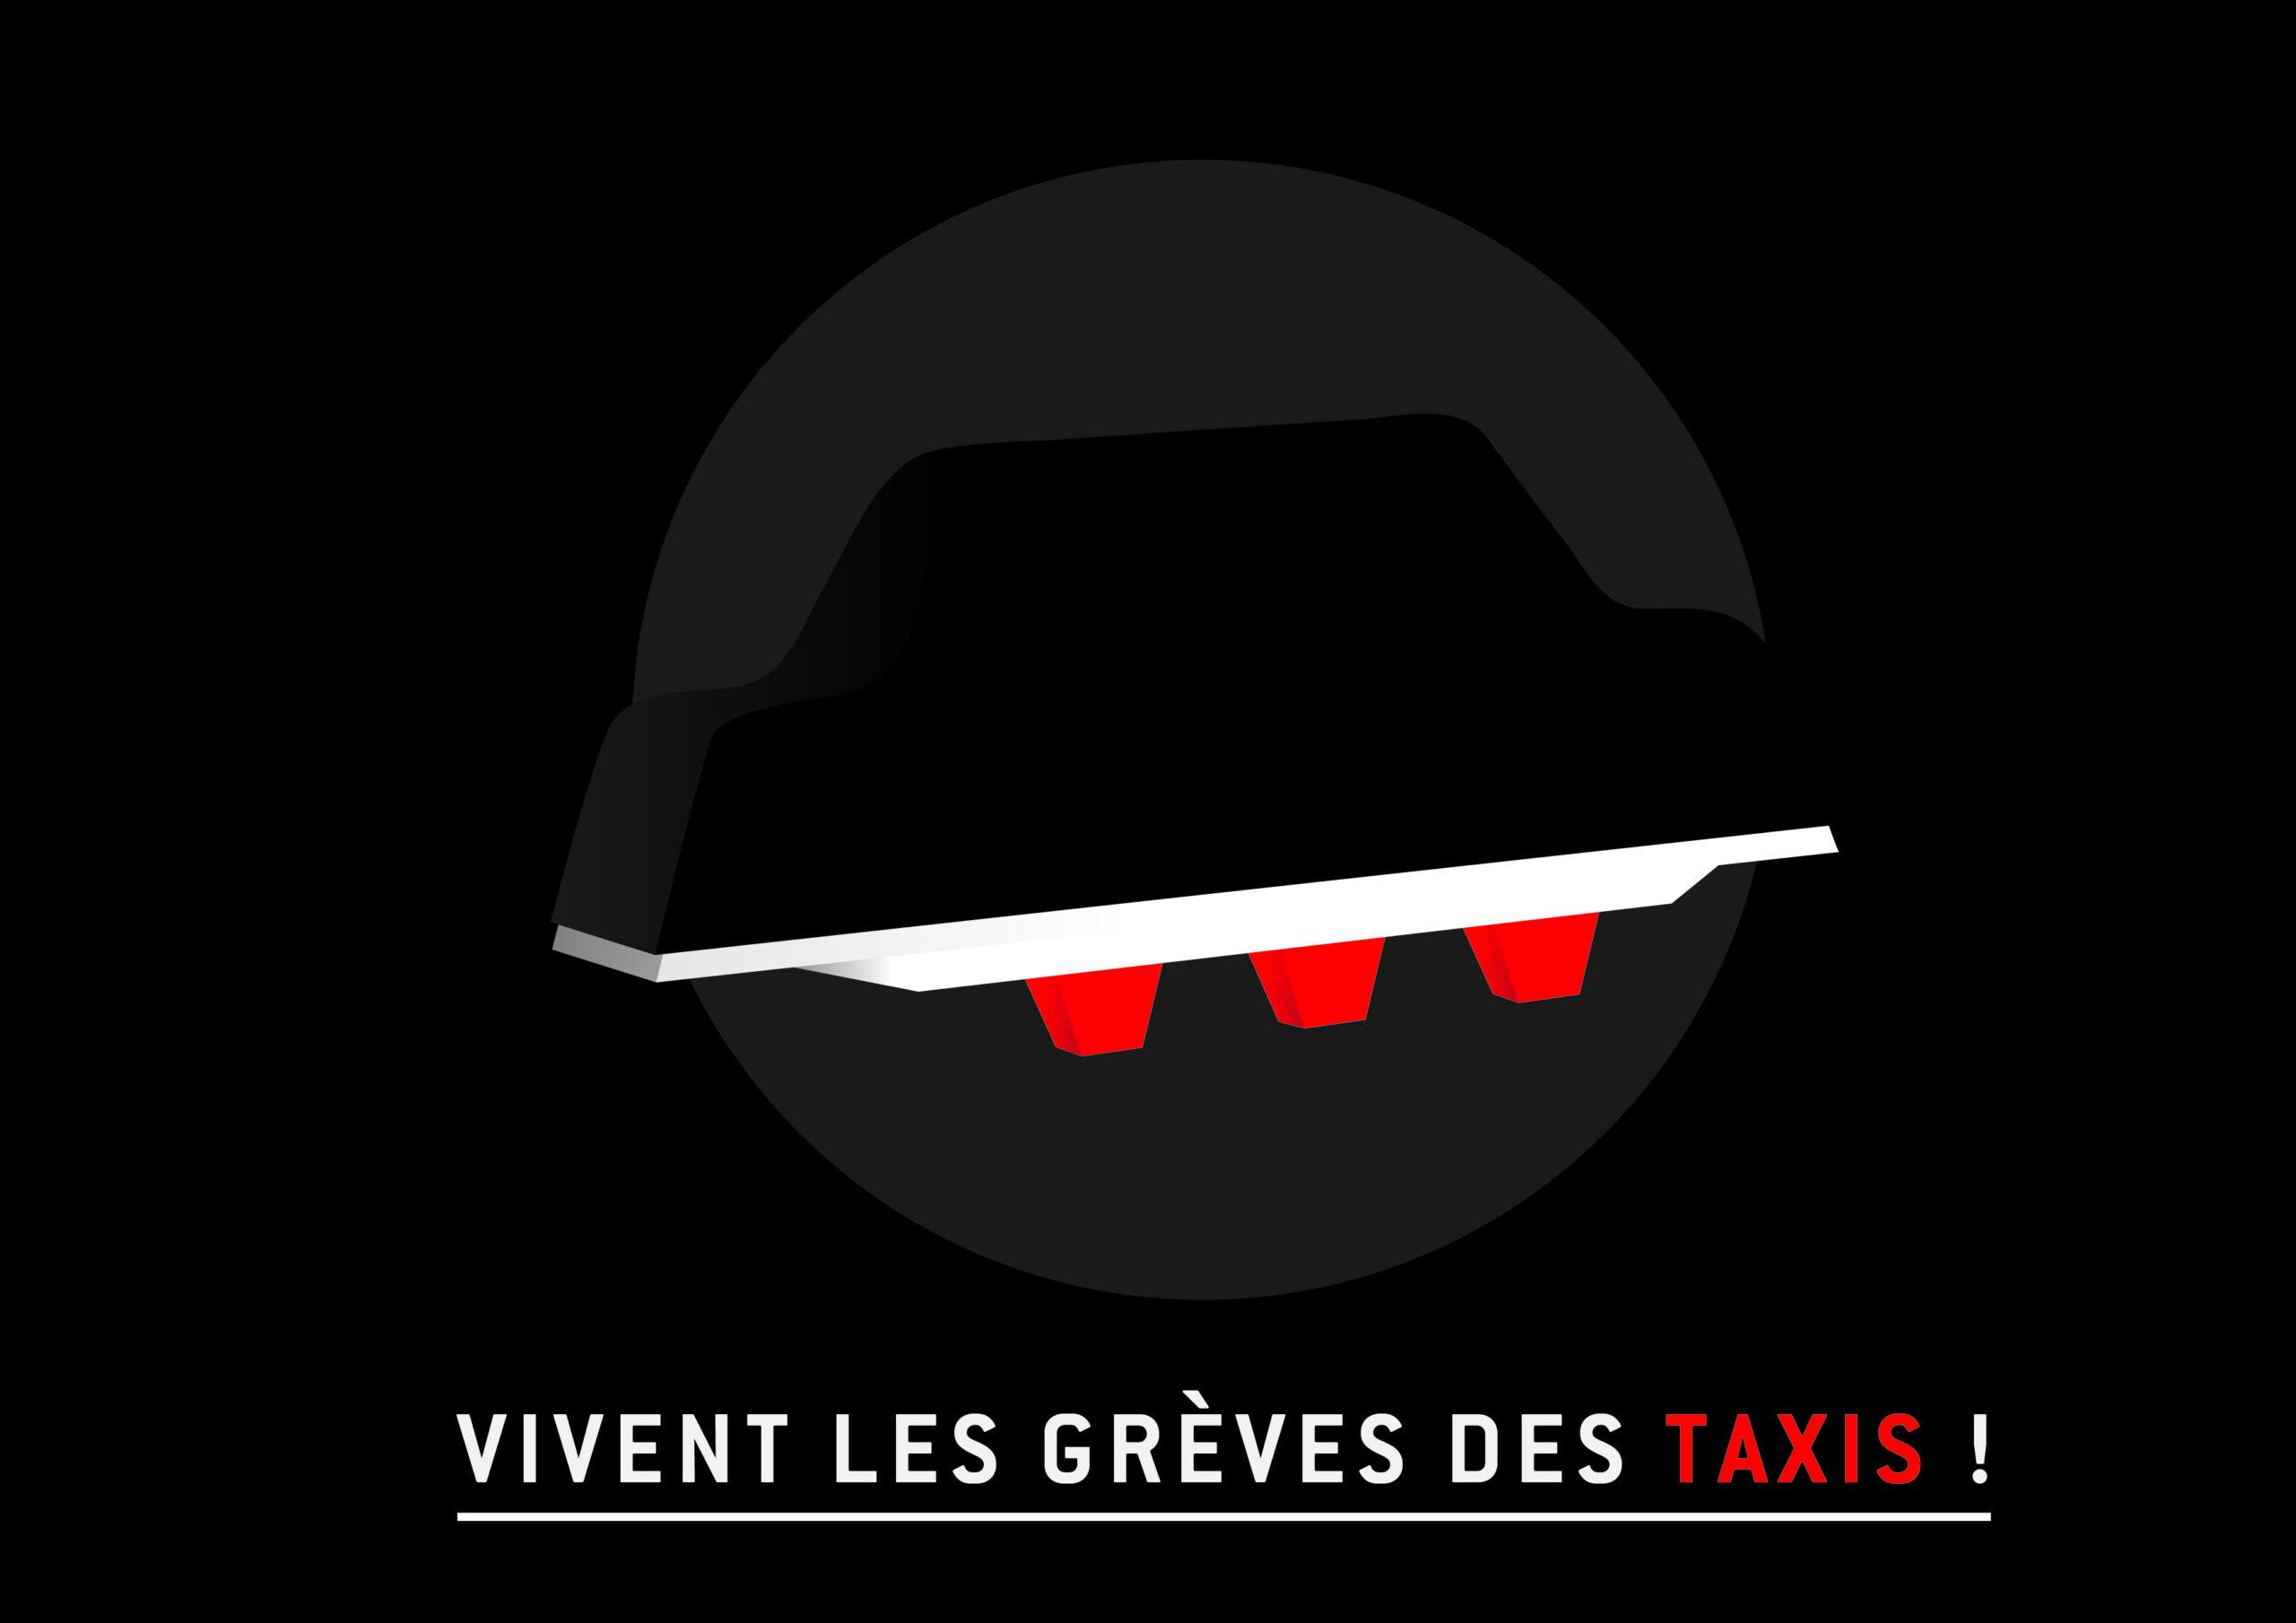 Vivent les grèves de taxis !